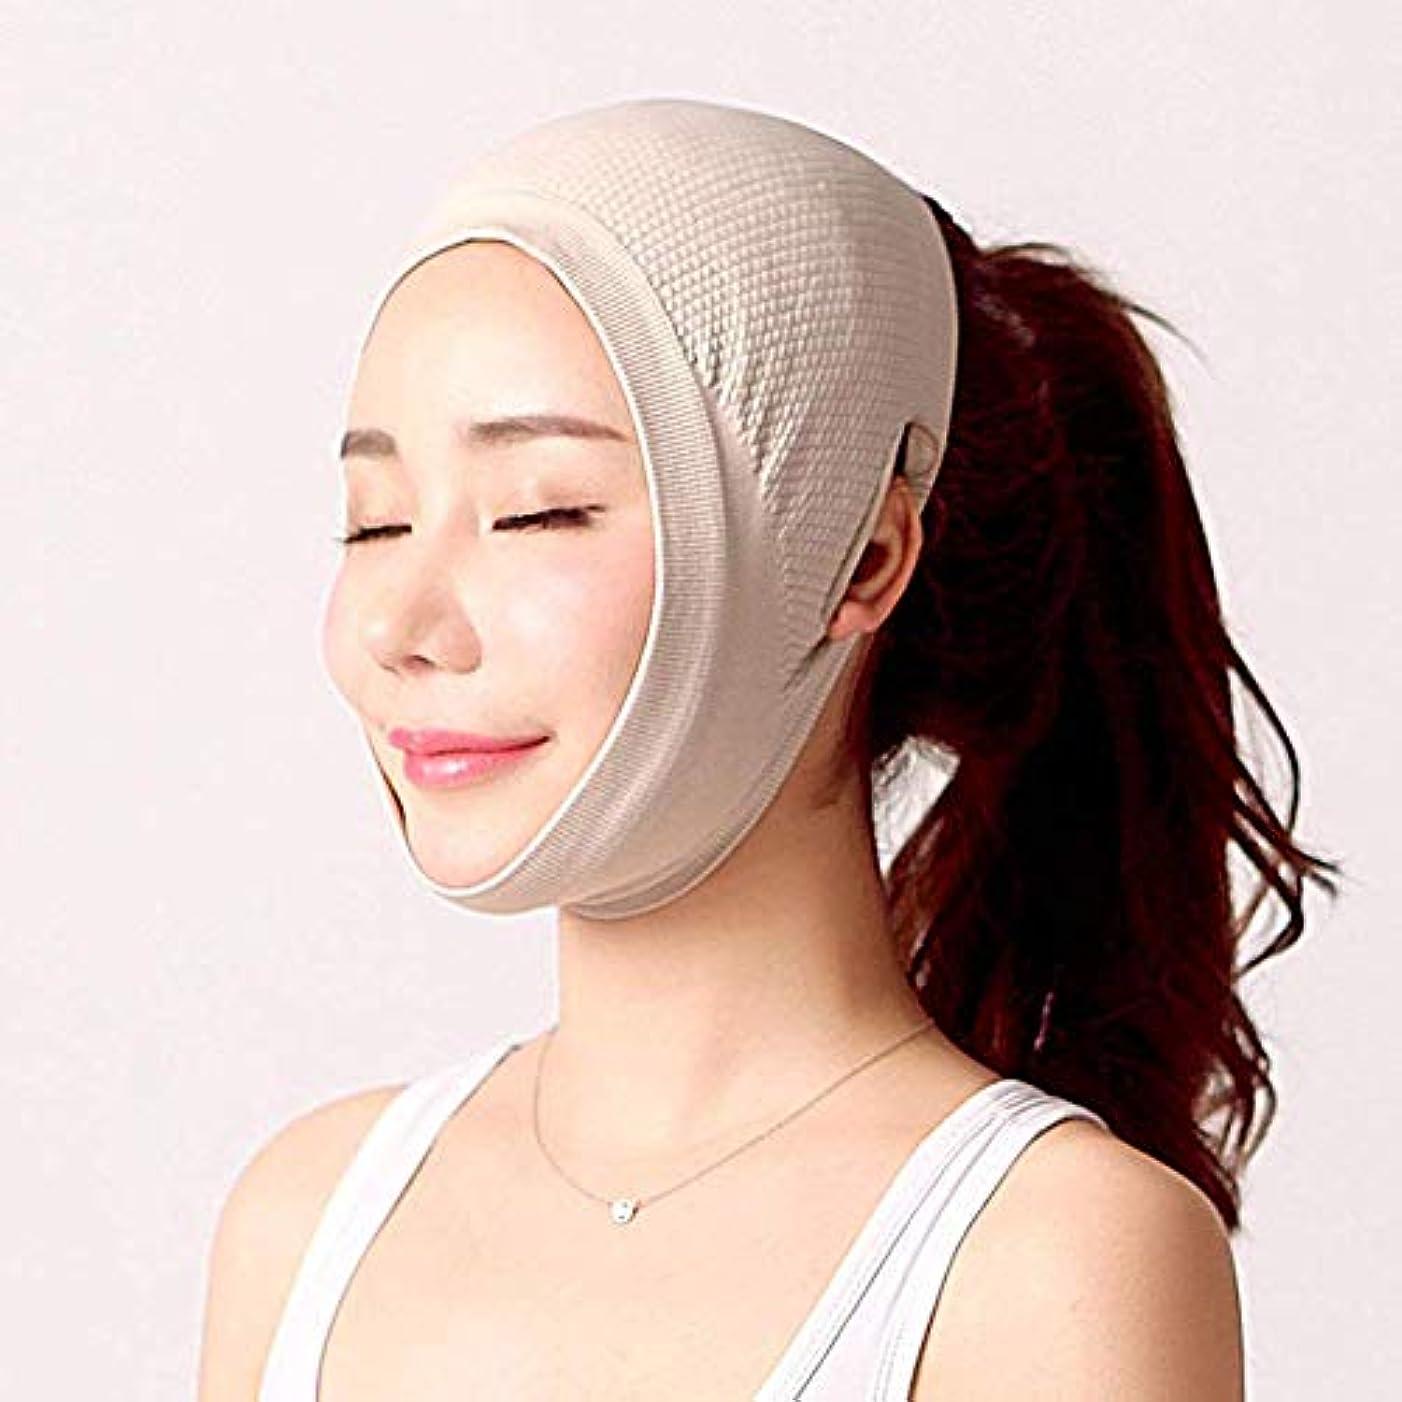 適切なアーティスト金銭的フェイスリフトマスク、Vリフトフェイスフェイスリフト包帯痩身あご頬マスク顔/Vフェイスラインフルフェイス痩身/二重あご通気性